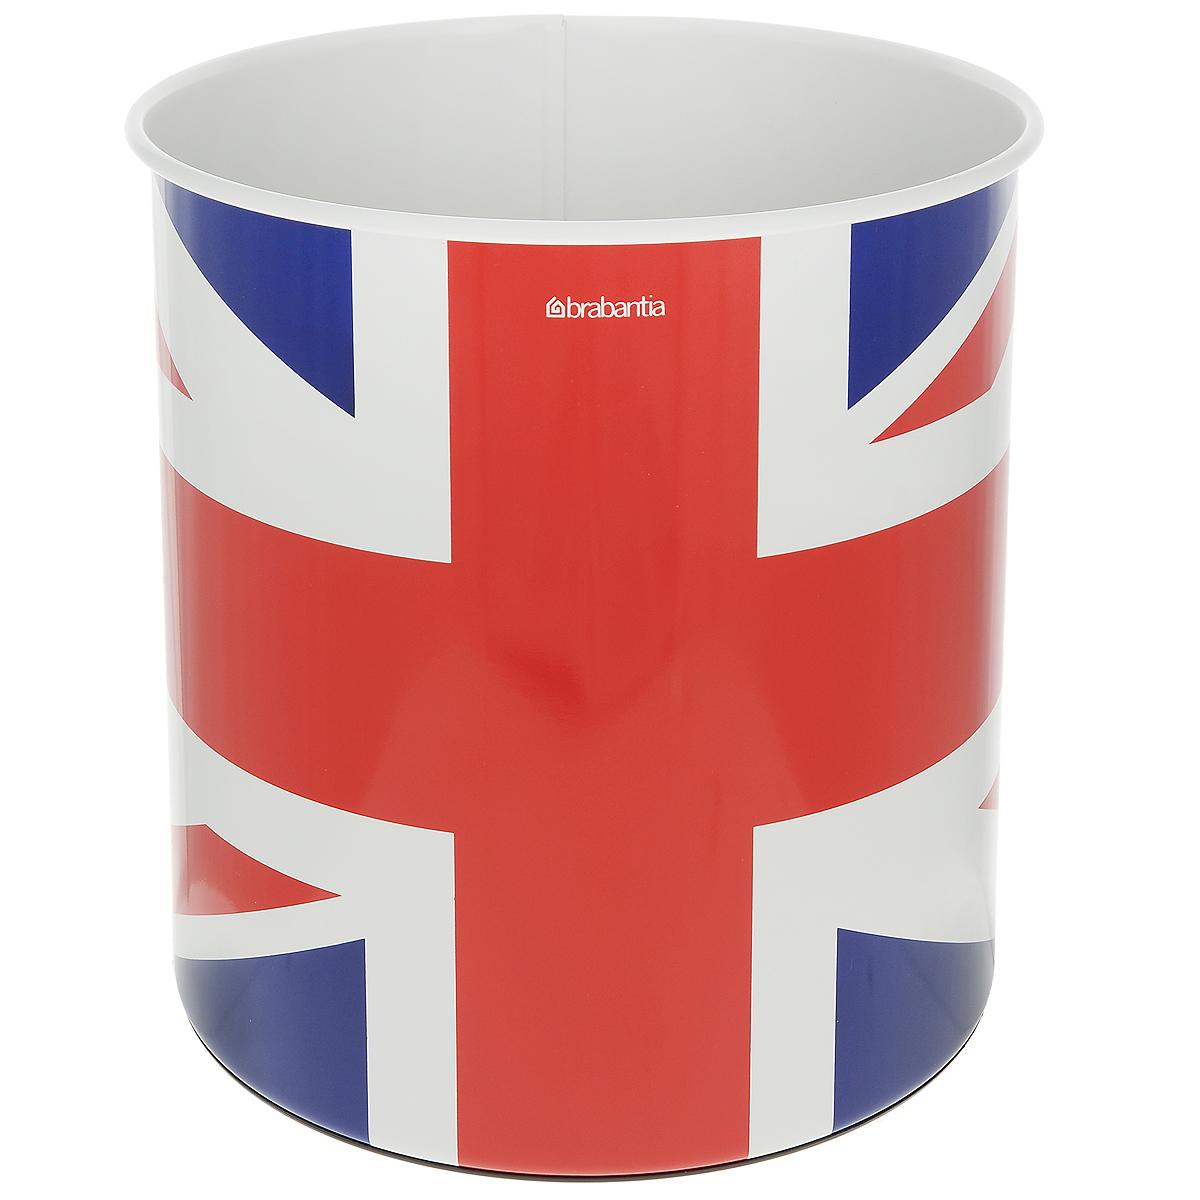 Корзина для бумаг Brabantia, 7 л. 479786S03301004Корзина для бумаг Brabantia изготовлена из нержавеющей стали, что обеспечивает долгий срок службы изделия и легкую очистку. Корзина декорирована изображением британского флага. Пластиковое основание корзины предотвращает повреждение пола.Корзина для бумаг поможет вам держать мелкий мусор в порядке в гостиной, спальне, офисе, кабинете и комнате ребенка.